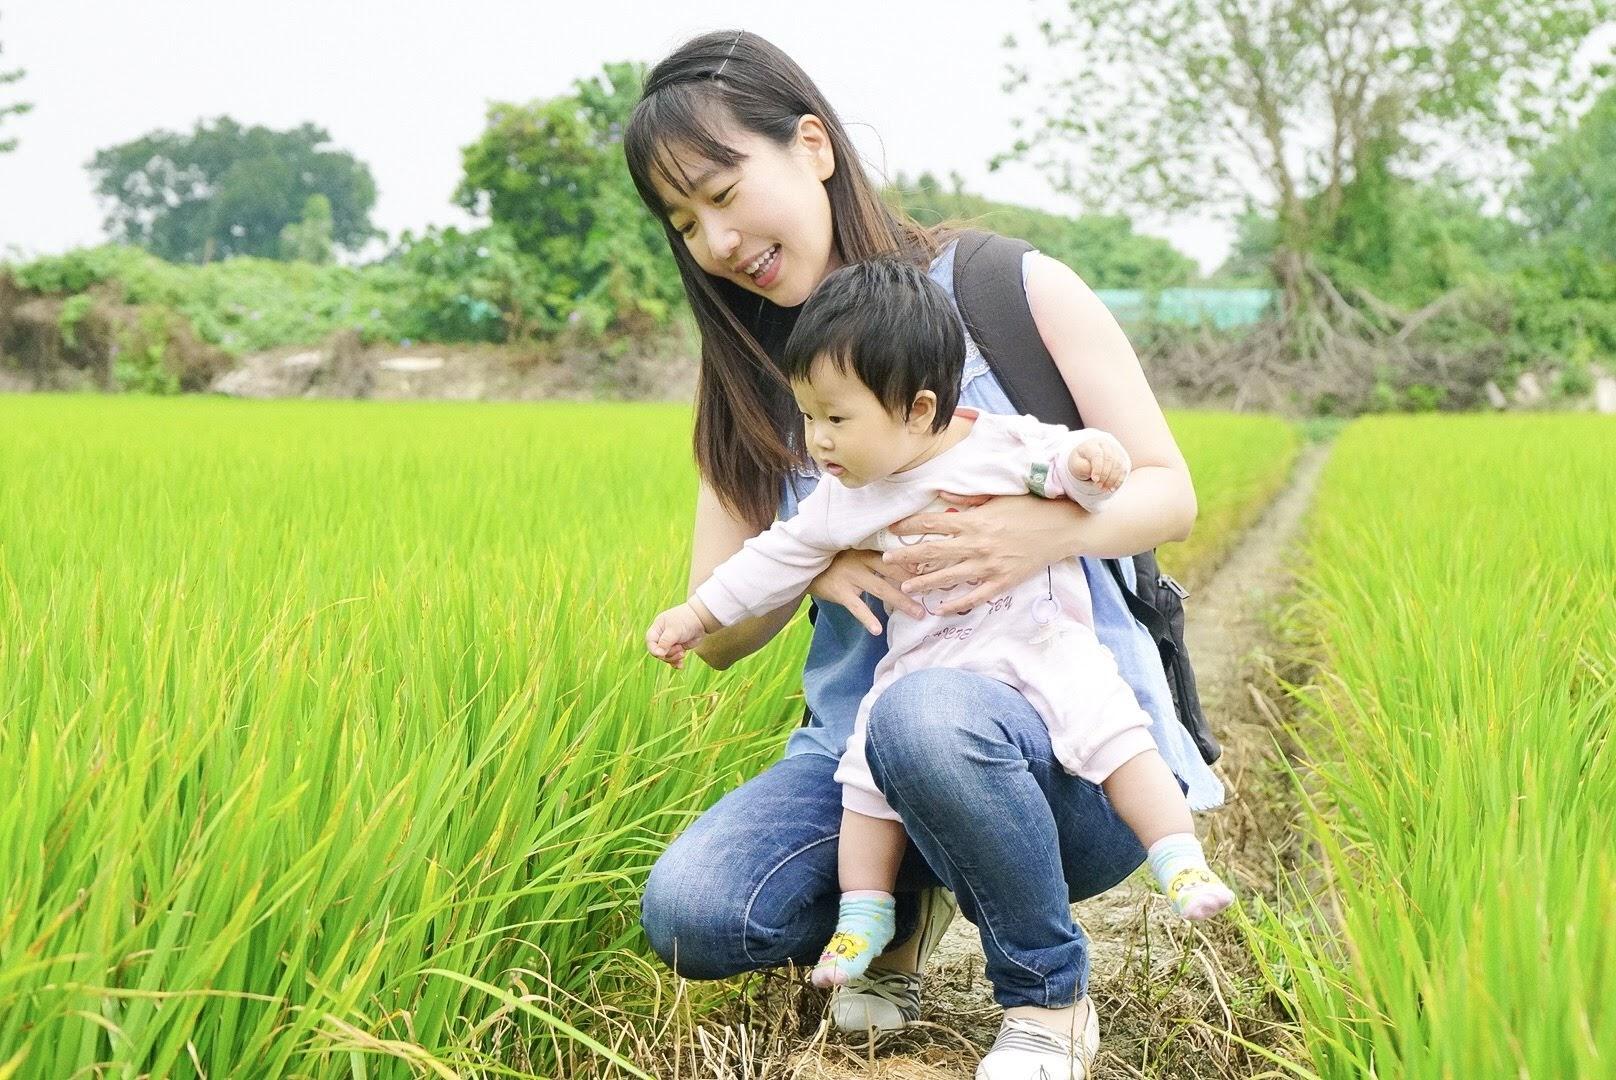 【旅行】整片綠油油的田園之旅-親子輕旅行